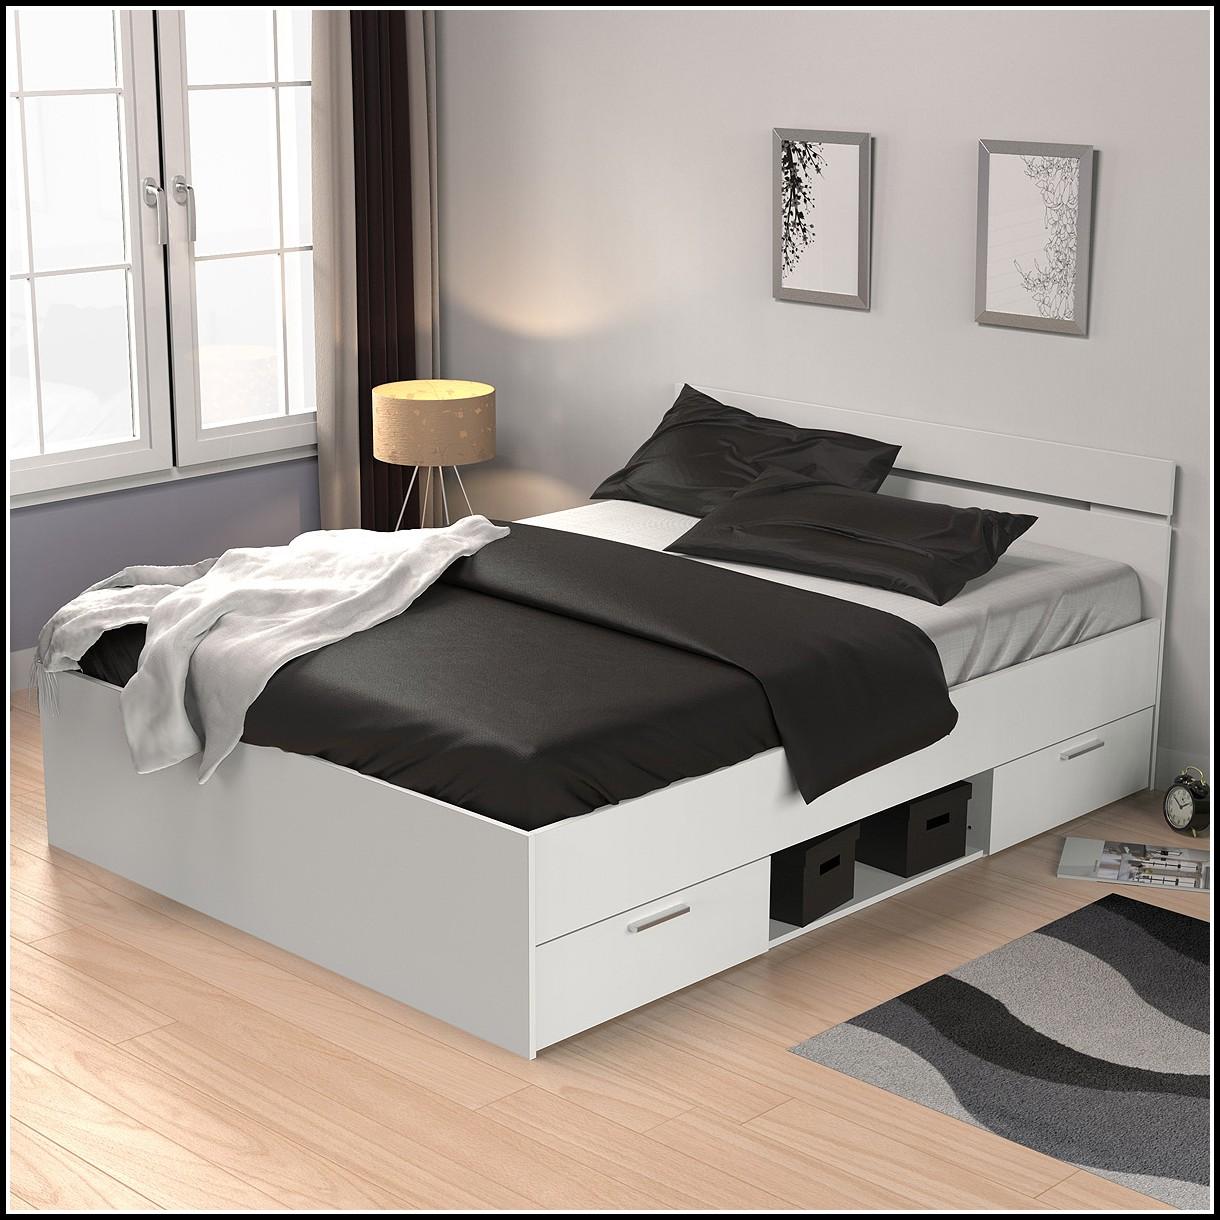 Bett 140 X 200 Ebay